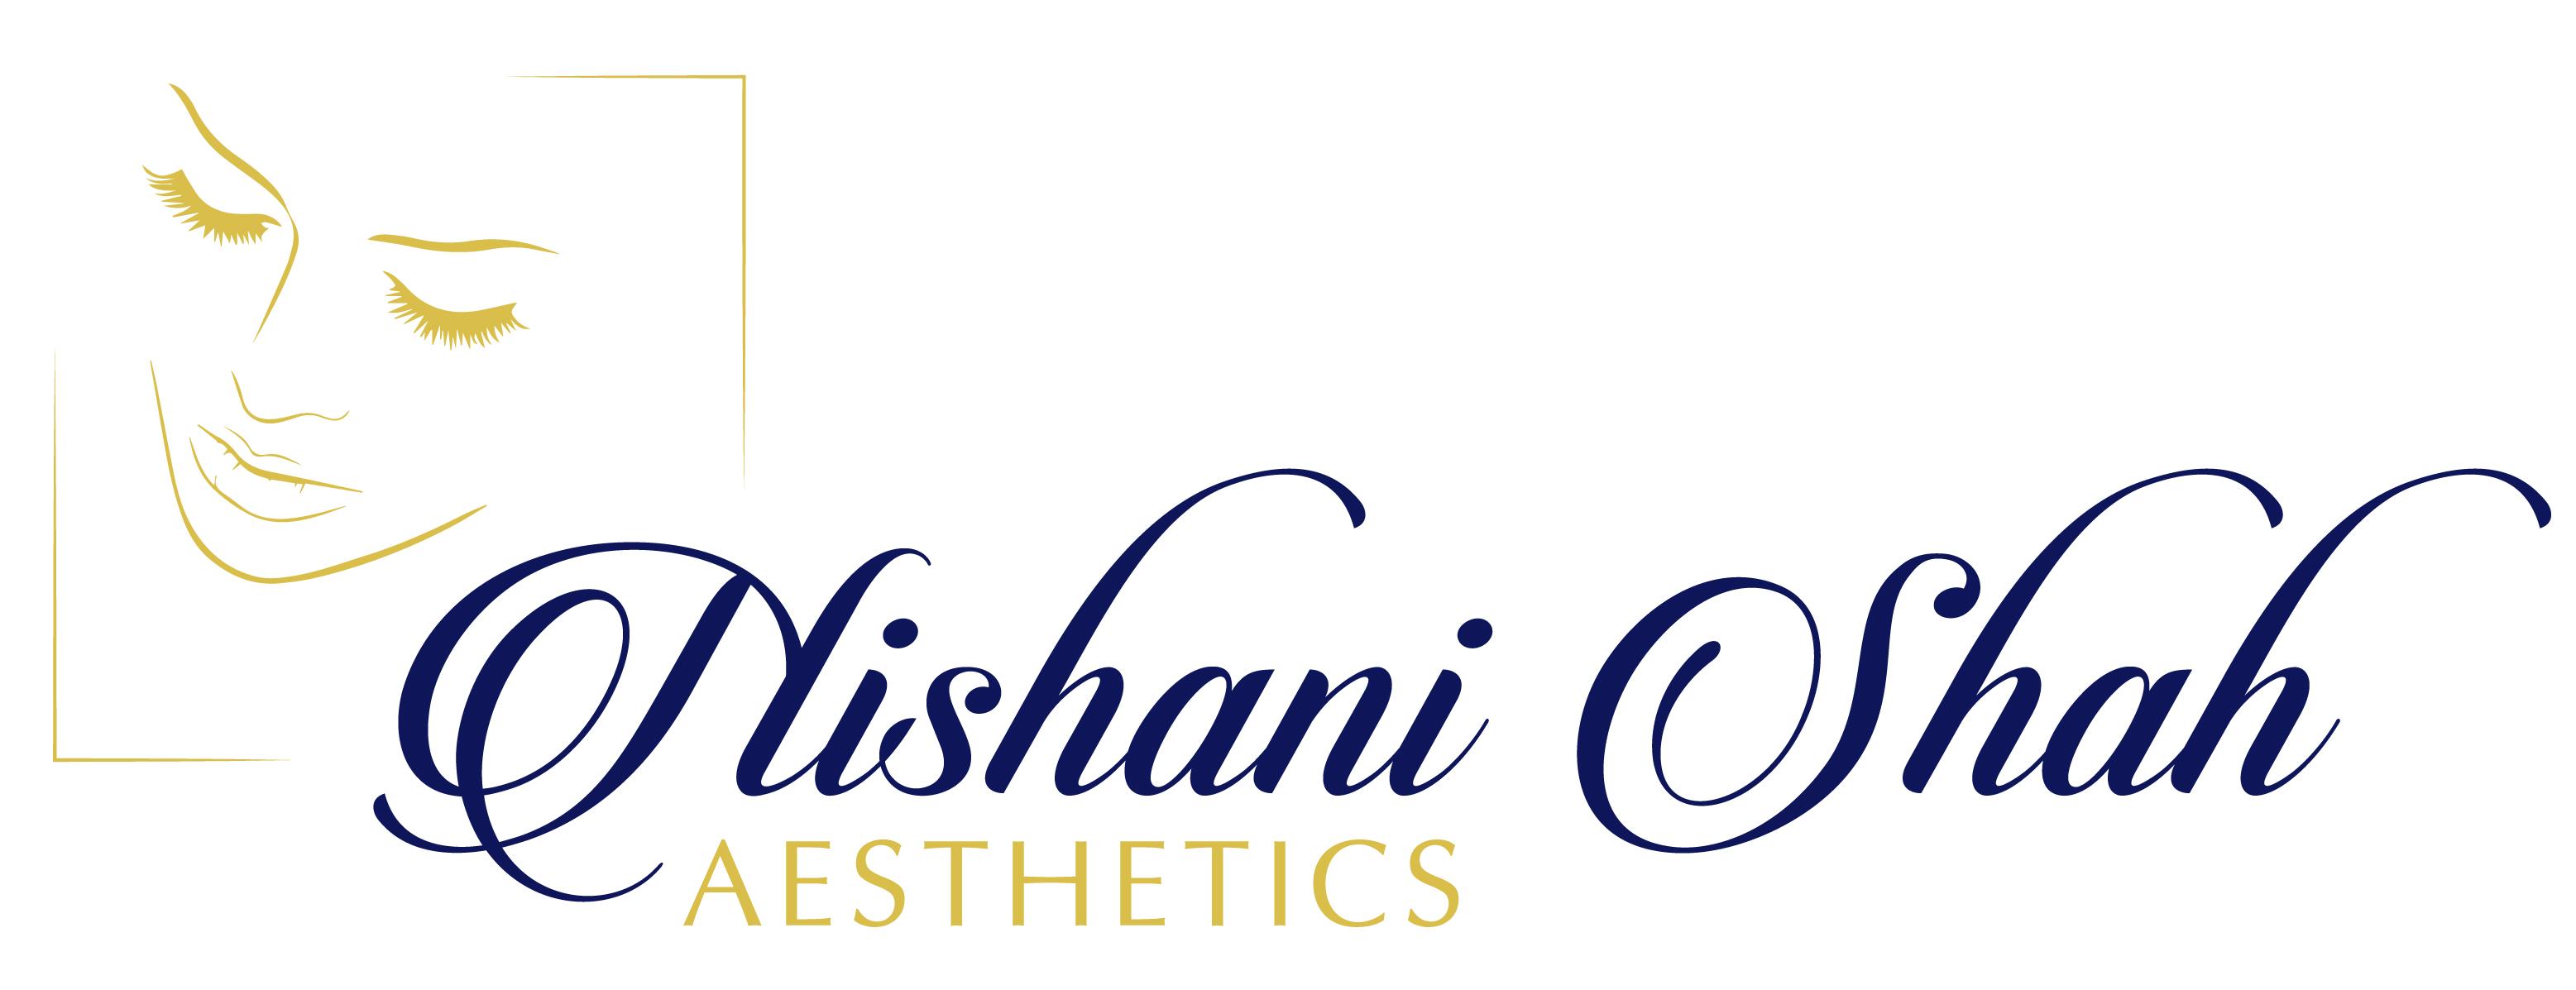 Salon Nishani